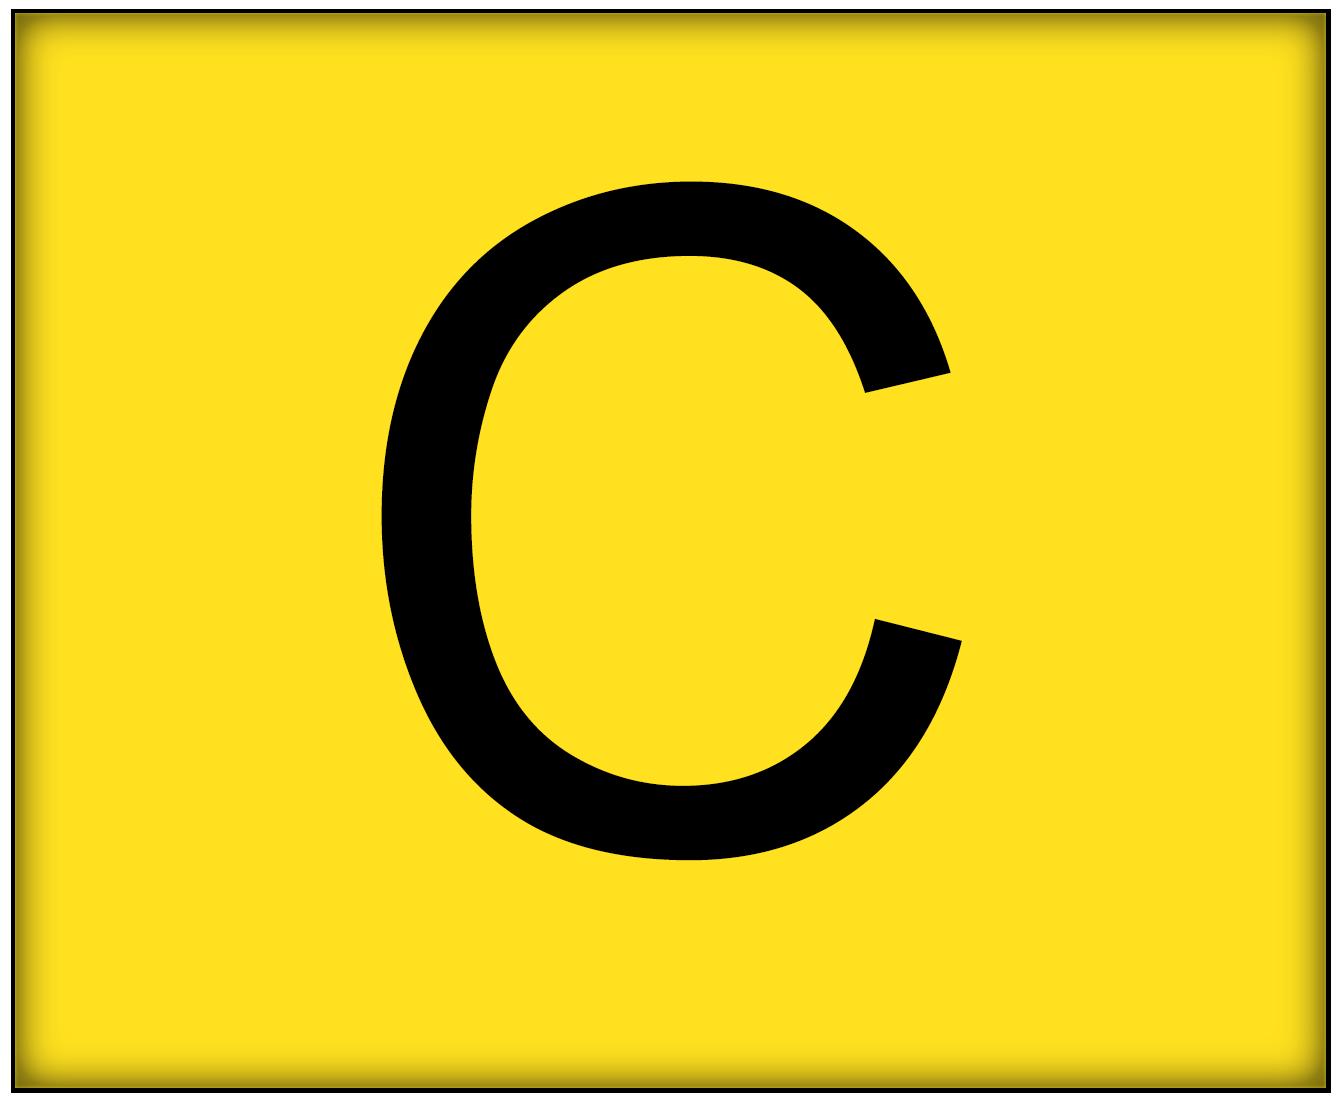 c letter logo png #231